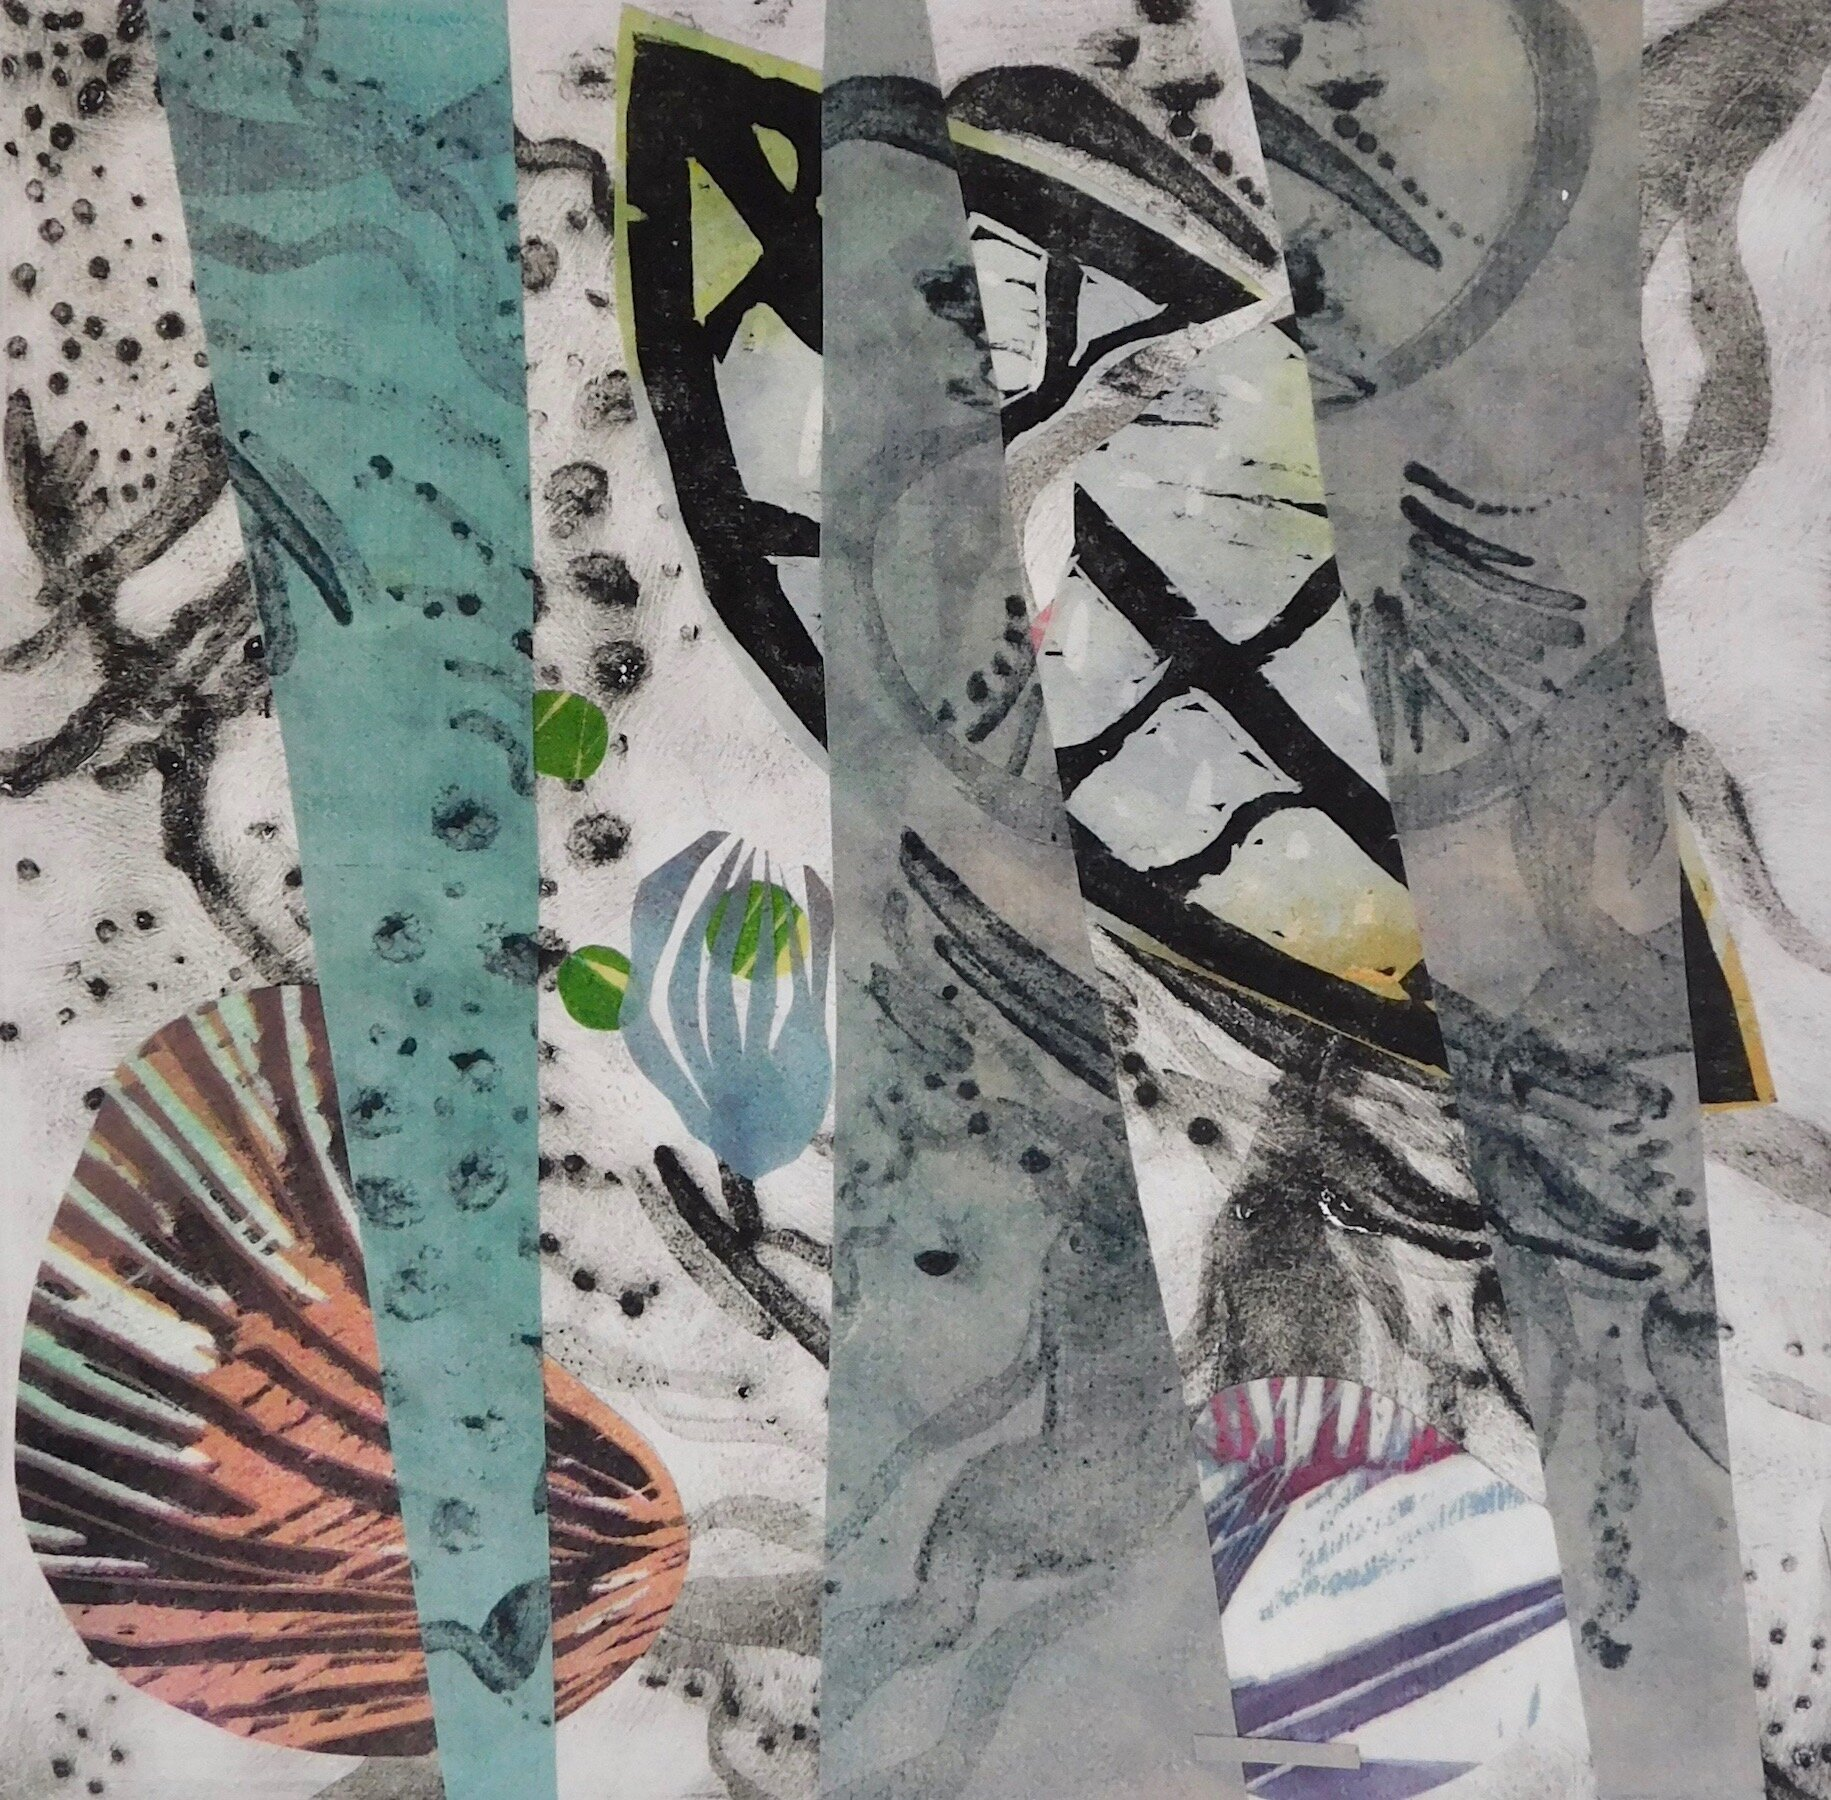 Atlantic Currents,  carborundum, collage, 16 x 16 inches